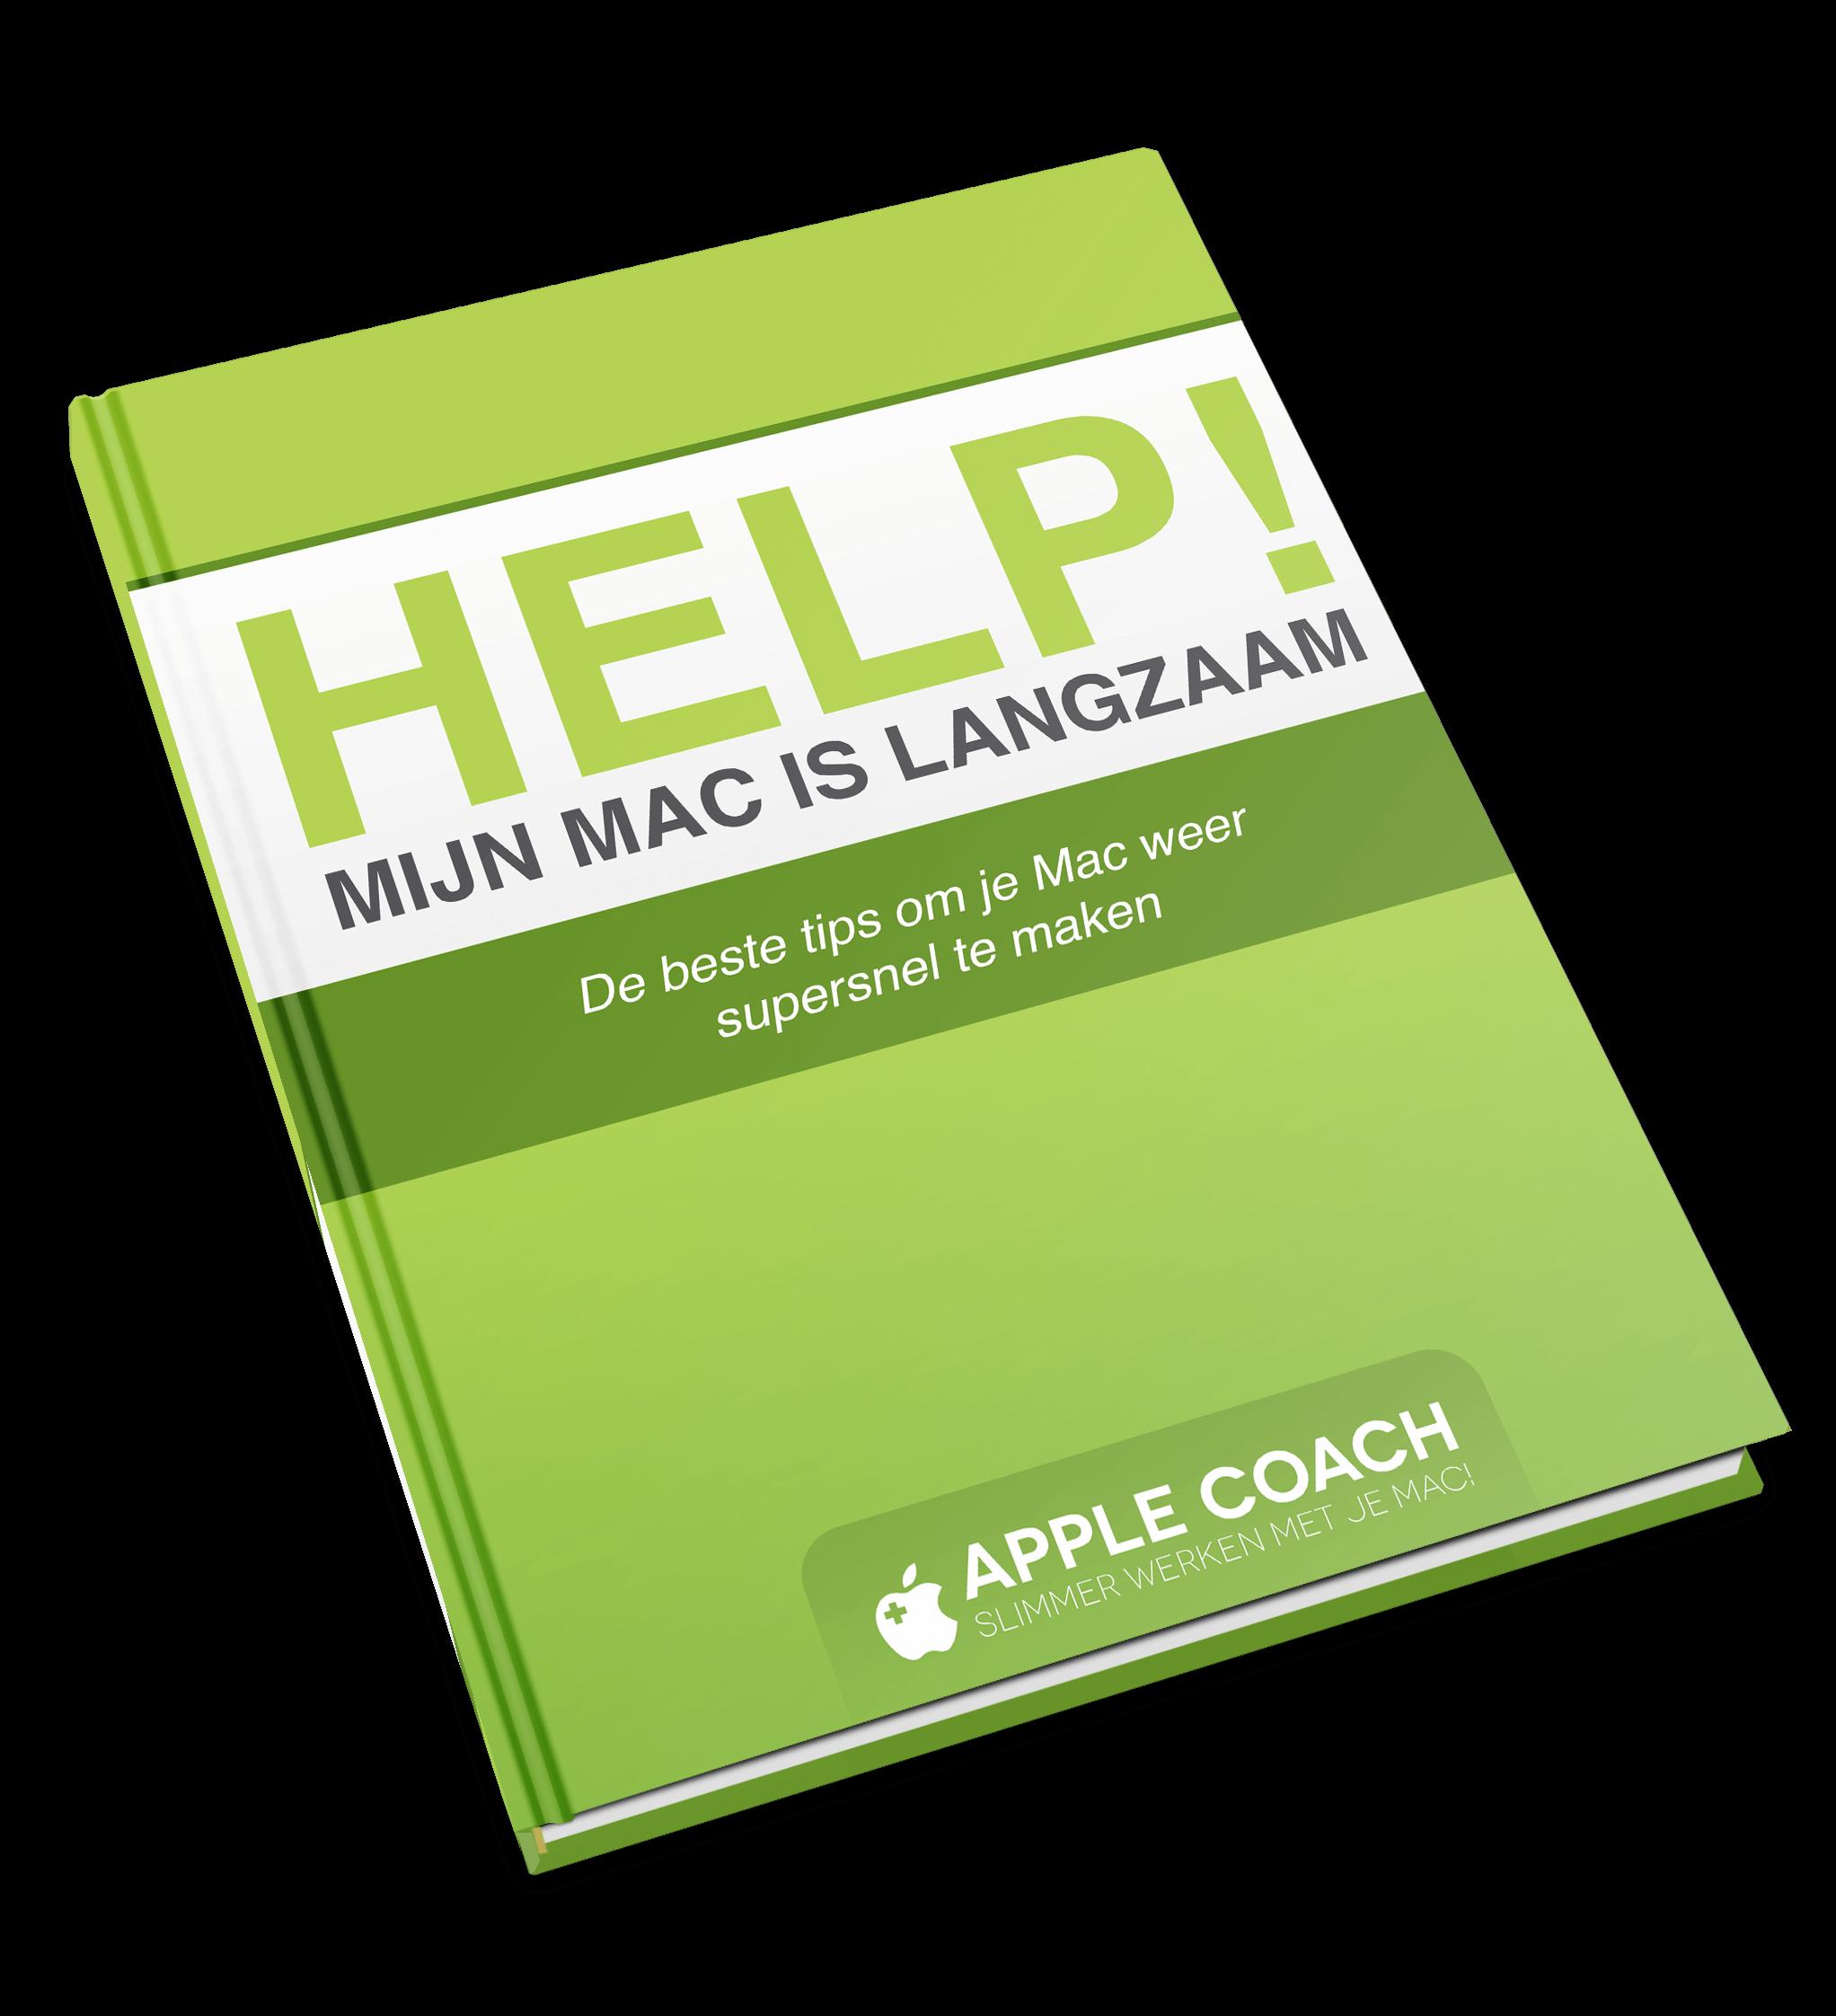 HELP! Mijn Mac is Langzaam